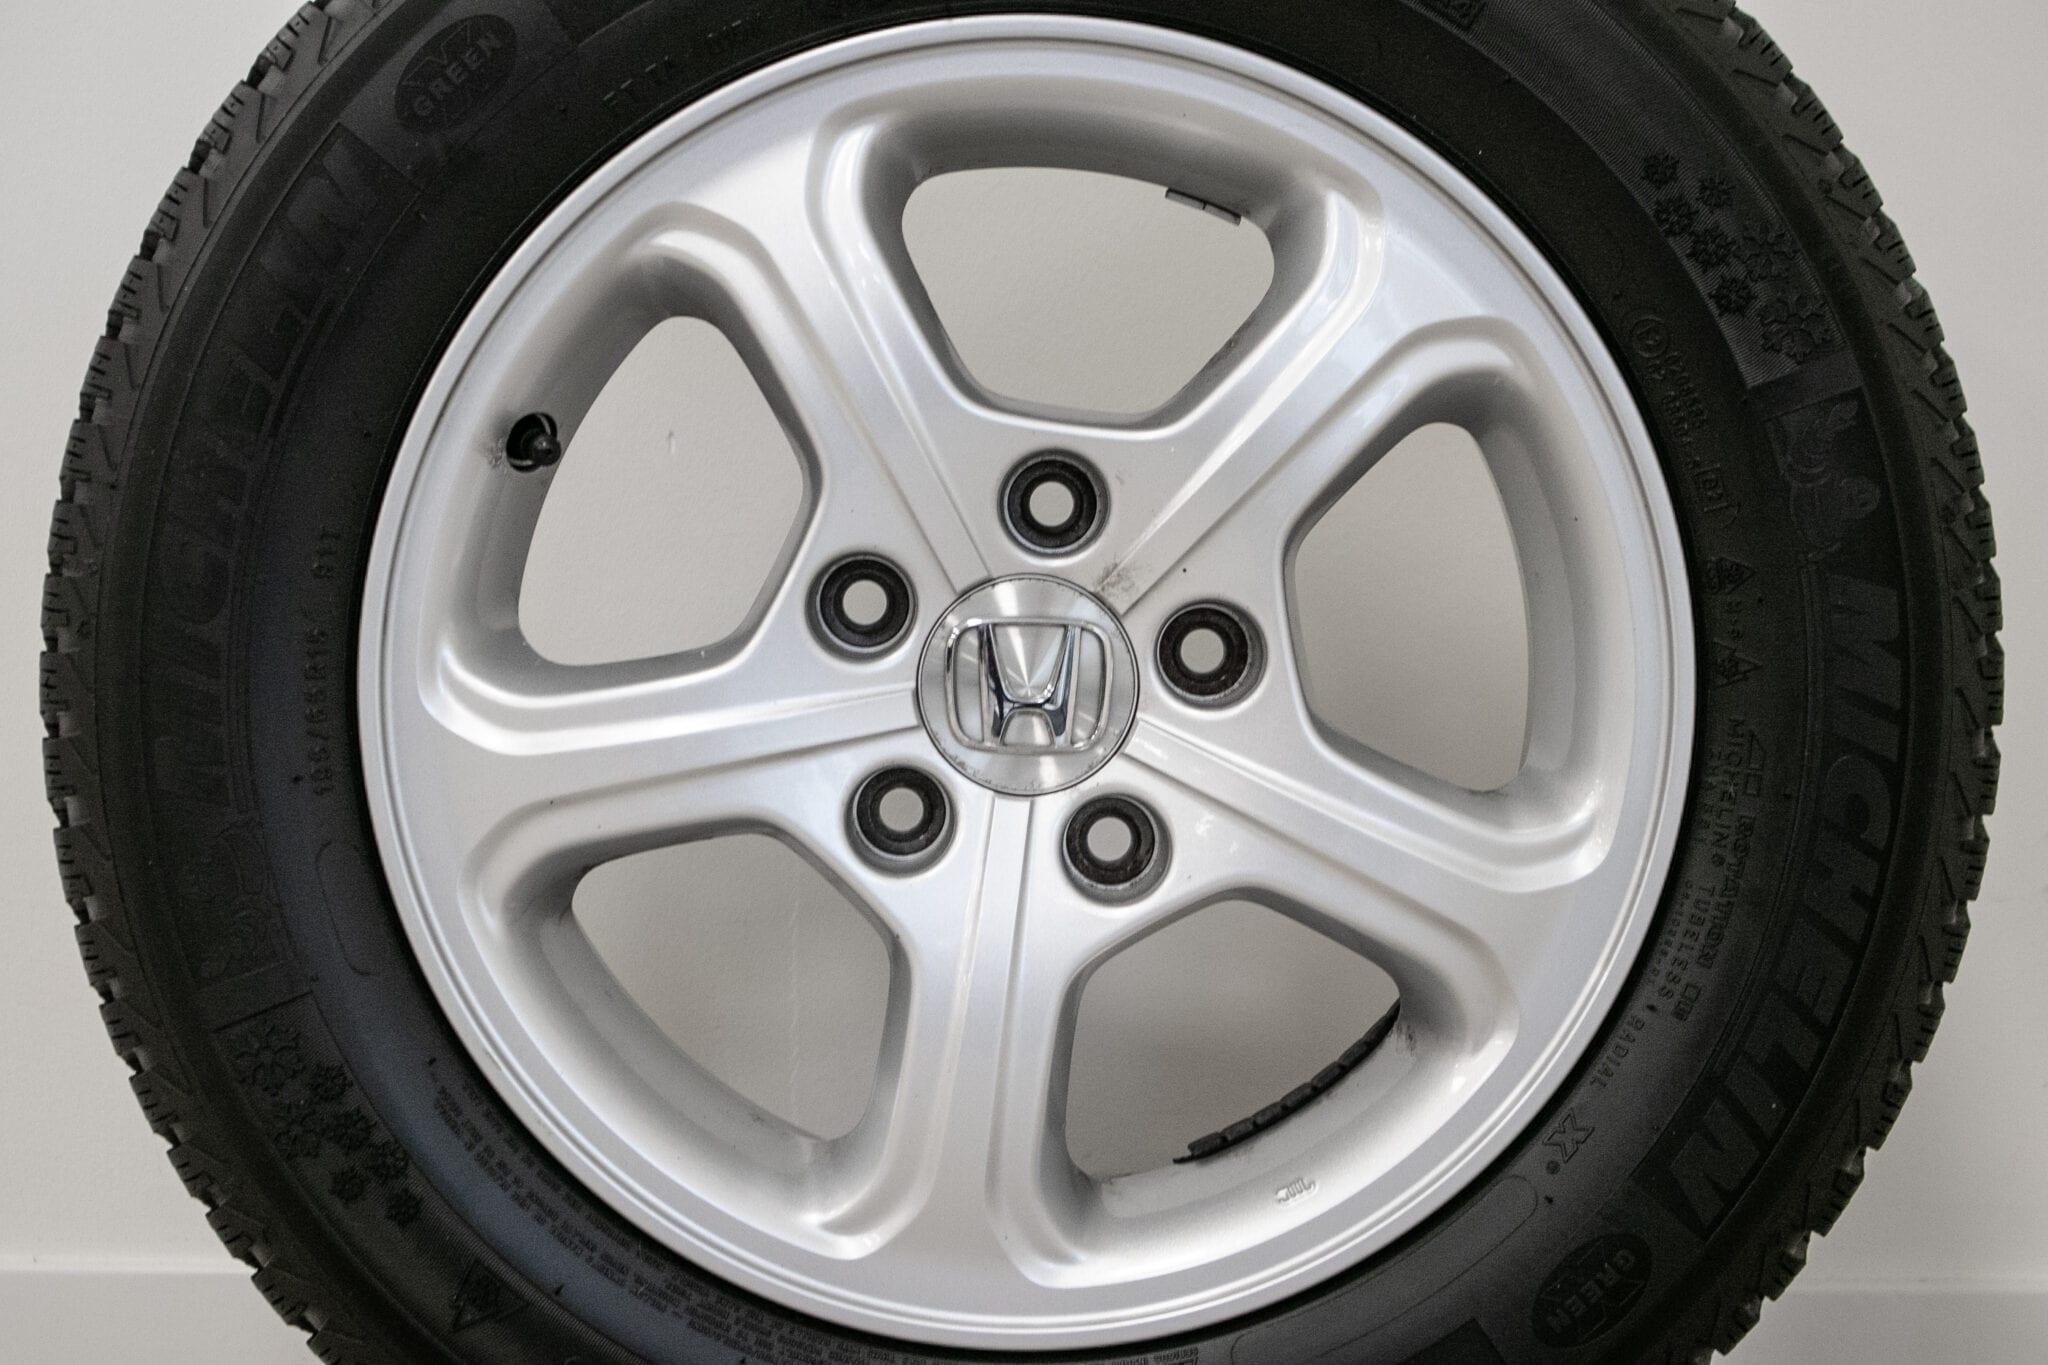 """15"""" Winterwielen voor de Honda Civic (hybrid), De Honda FR-V en de Honda Accord Comfort tot 2008 €299,- Gebruikt. Profieldiepte: 5.9mm - 6.4mm"""